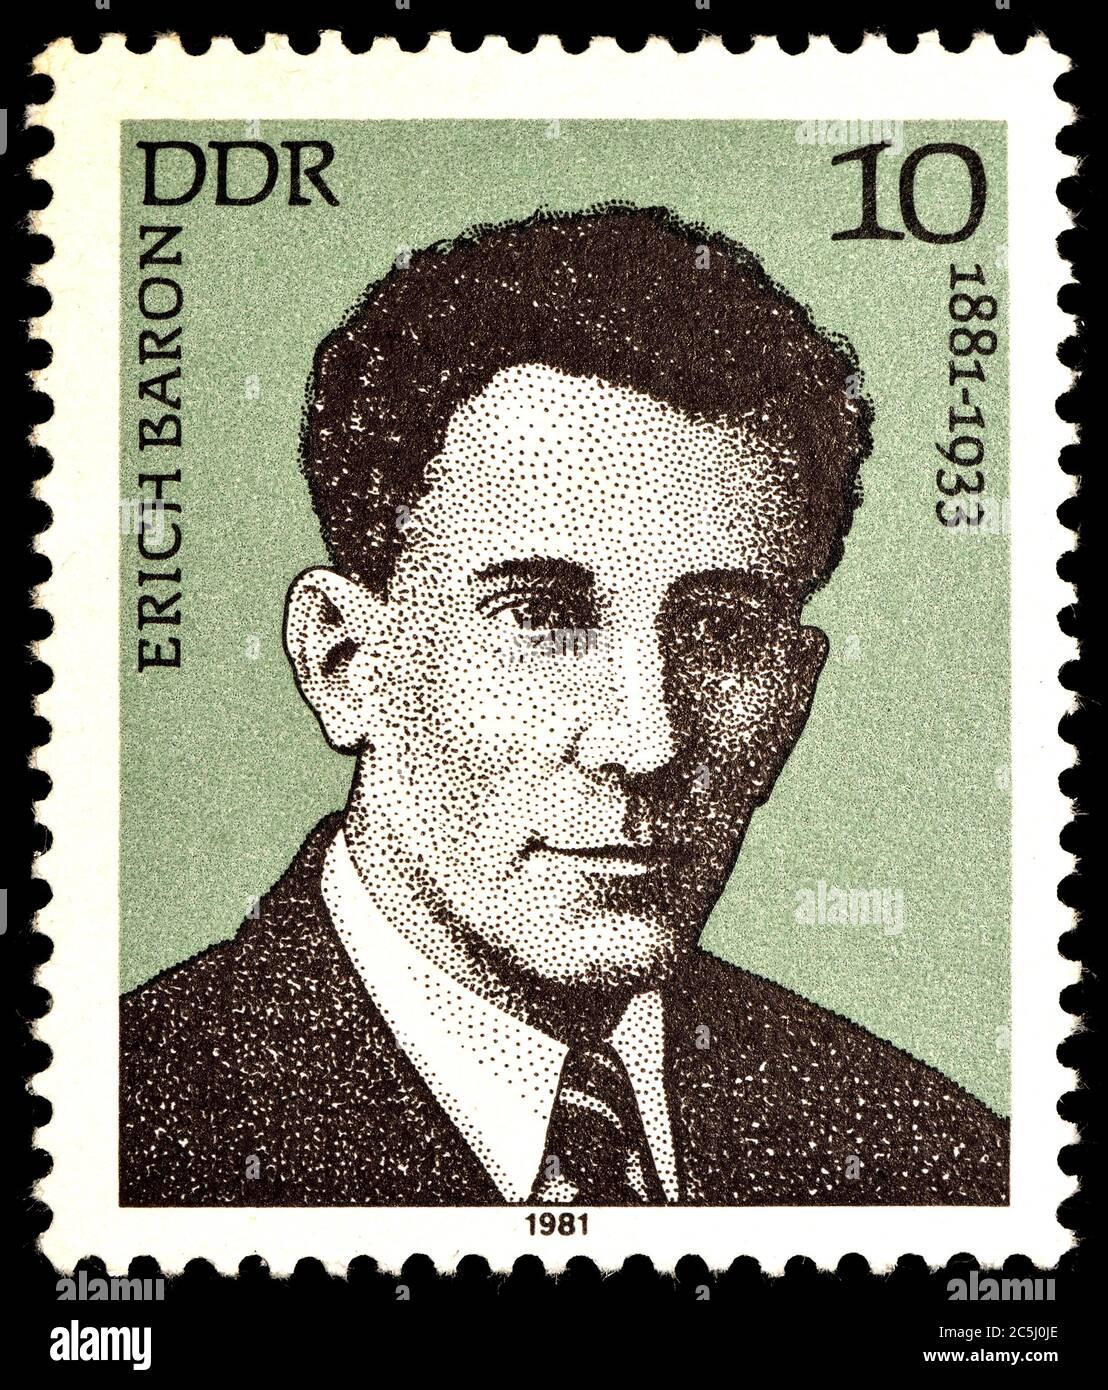 Timbre-poste allemand (1981) : Erich Baron (1881 - 1933 ) avocat, journaliste et antifasciste allemand Banque D'Images